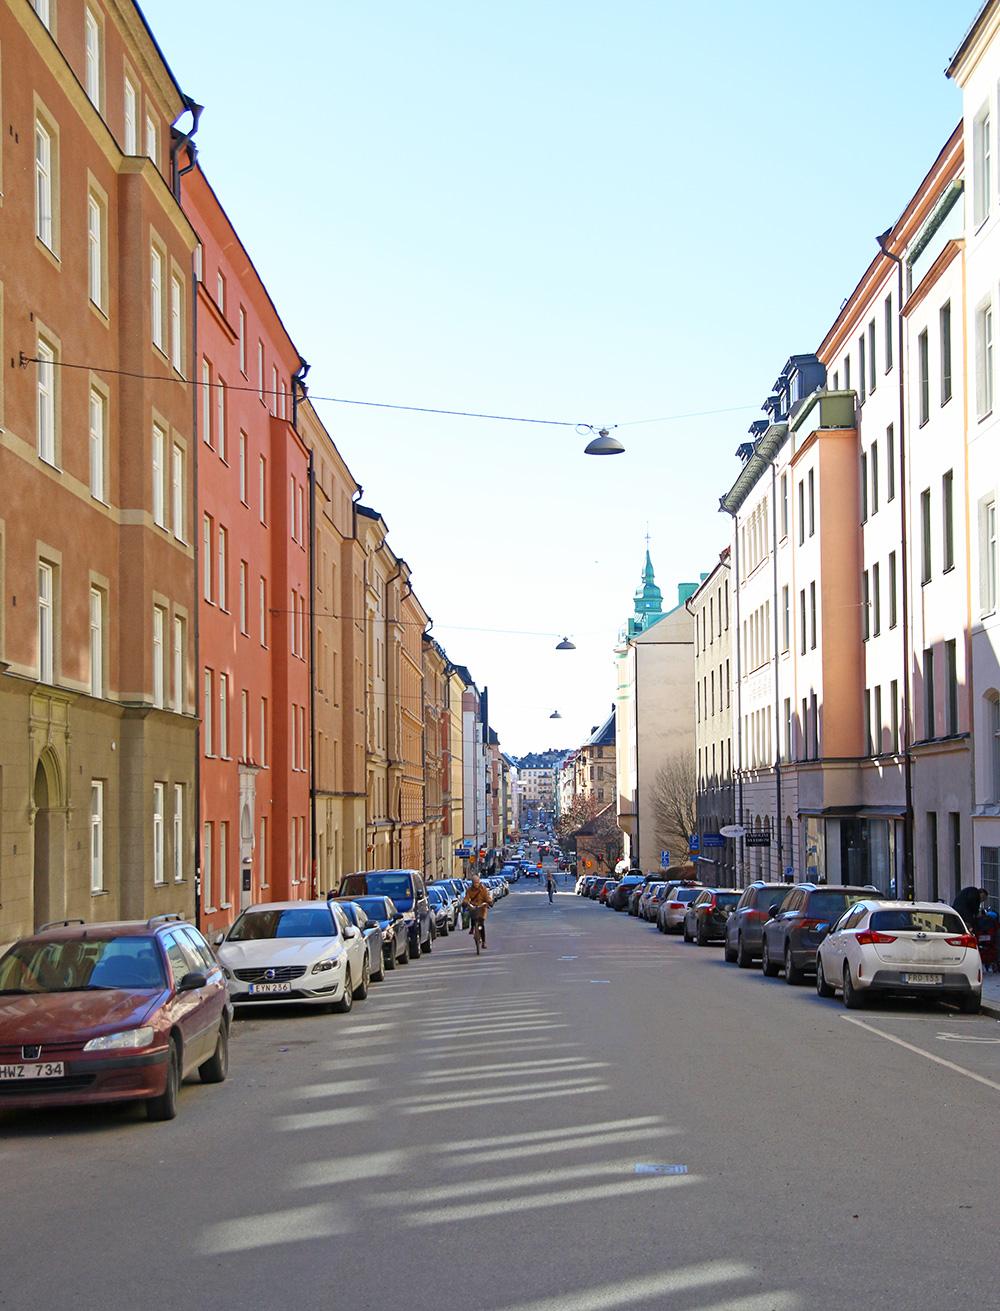 stockholm-troisiemejour